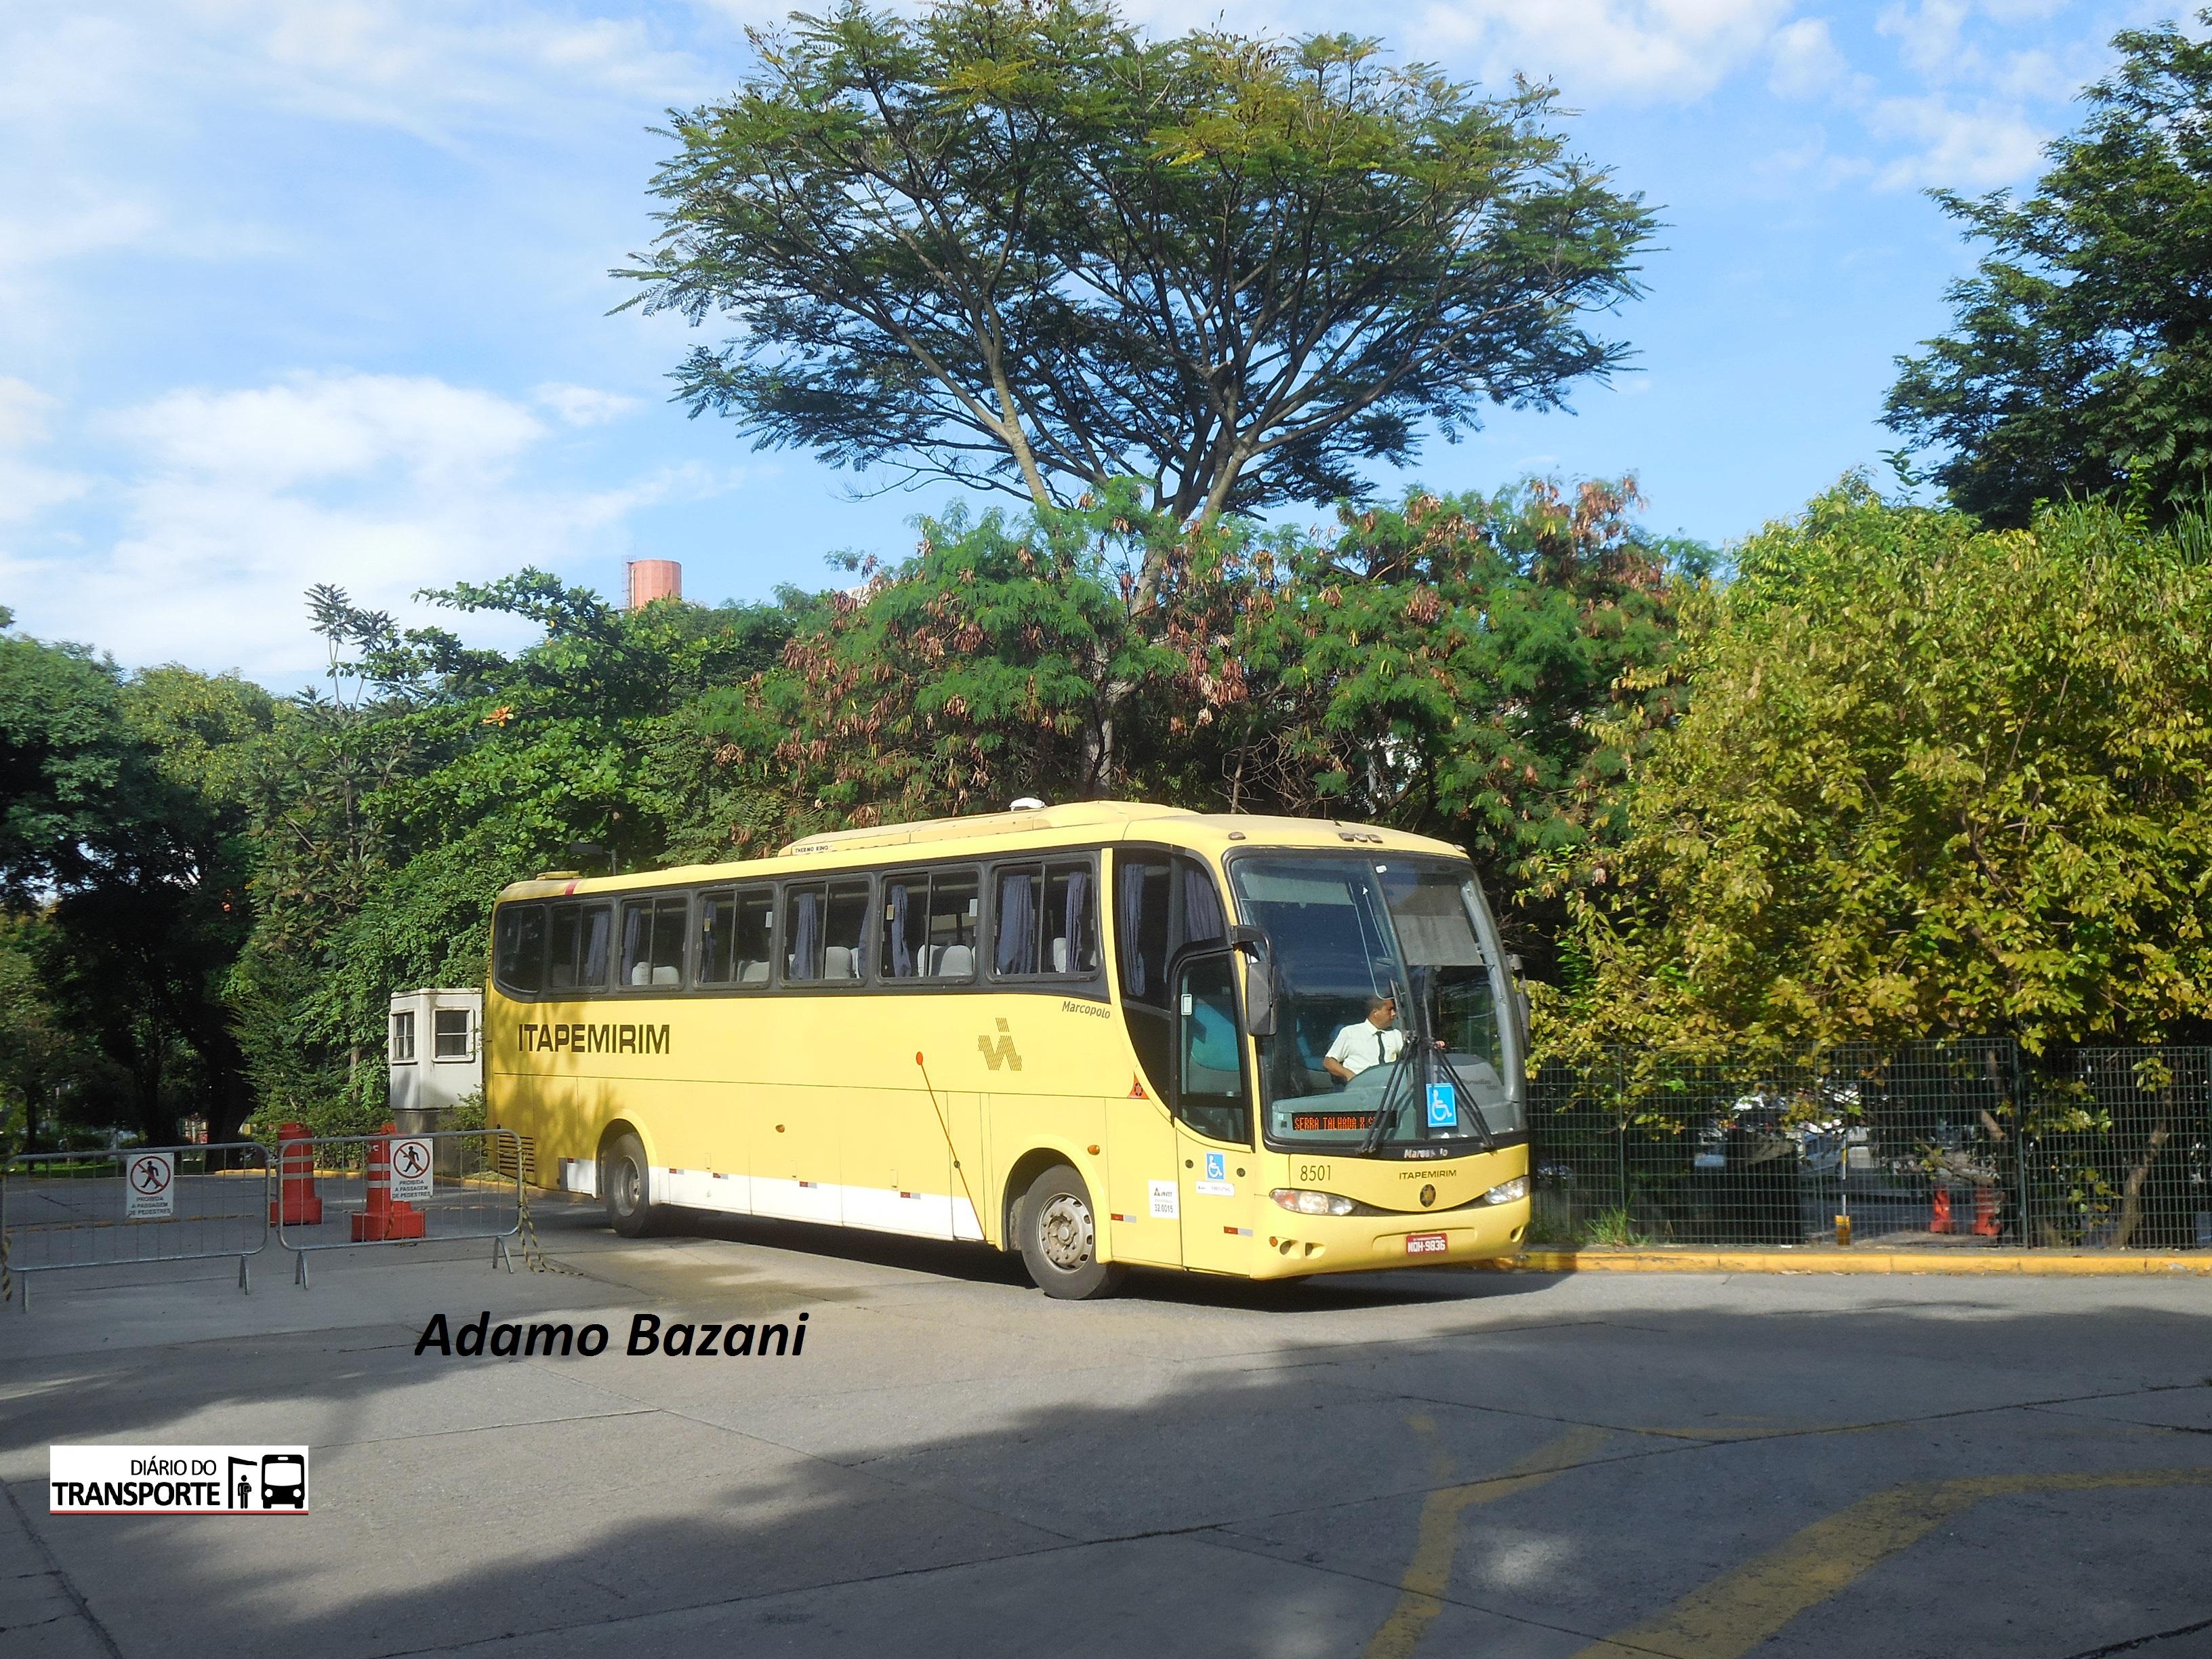 fde4a9cc6 Justiça mantém proibição de a Viação Garcia transferir ônibus para a  Itapemirim/Kaissara em troca da linha São Paulo – Curitiba